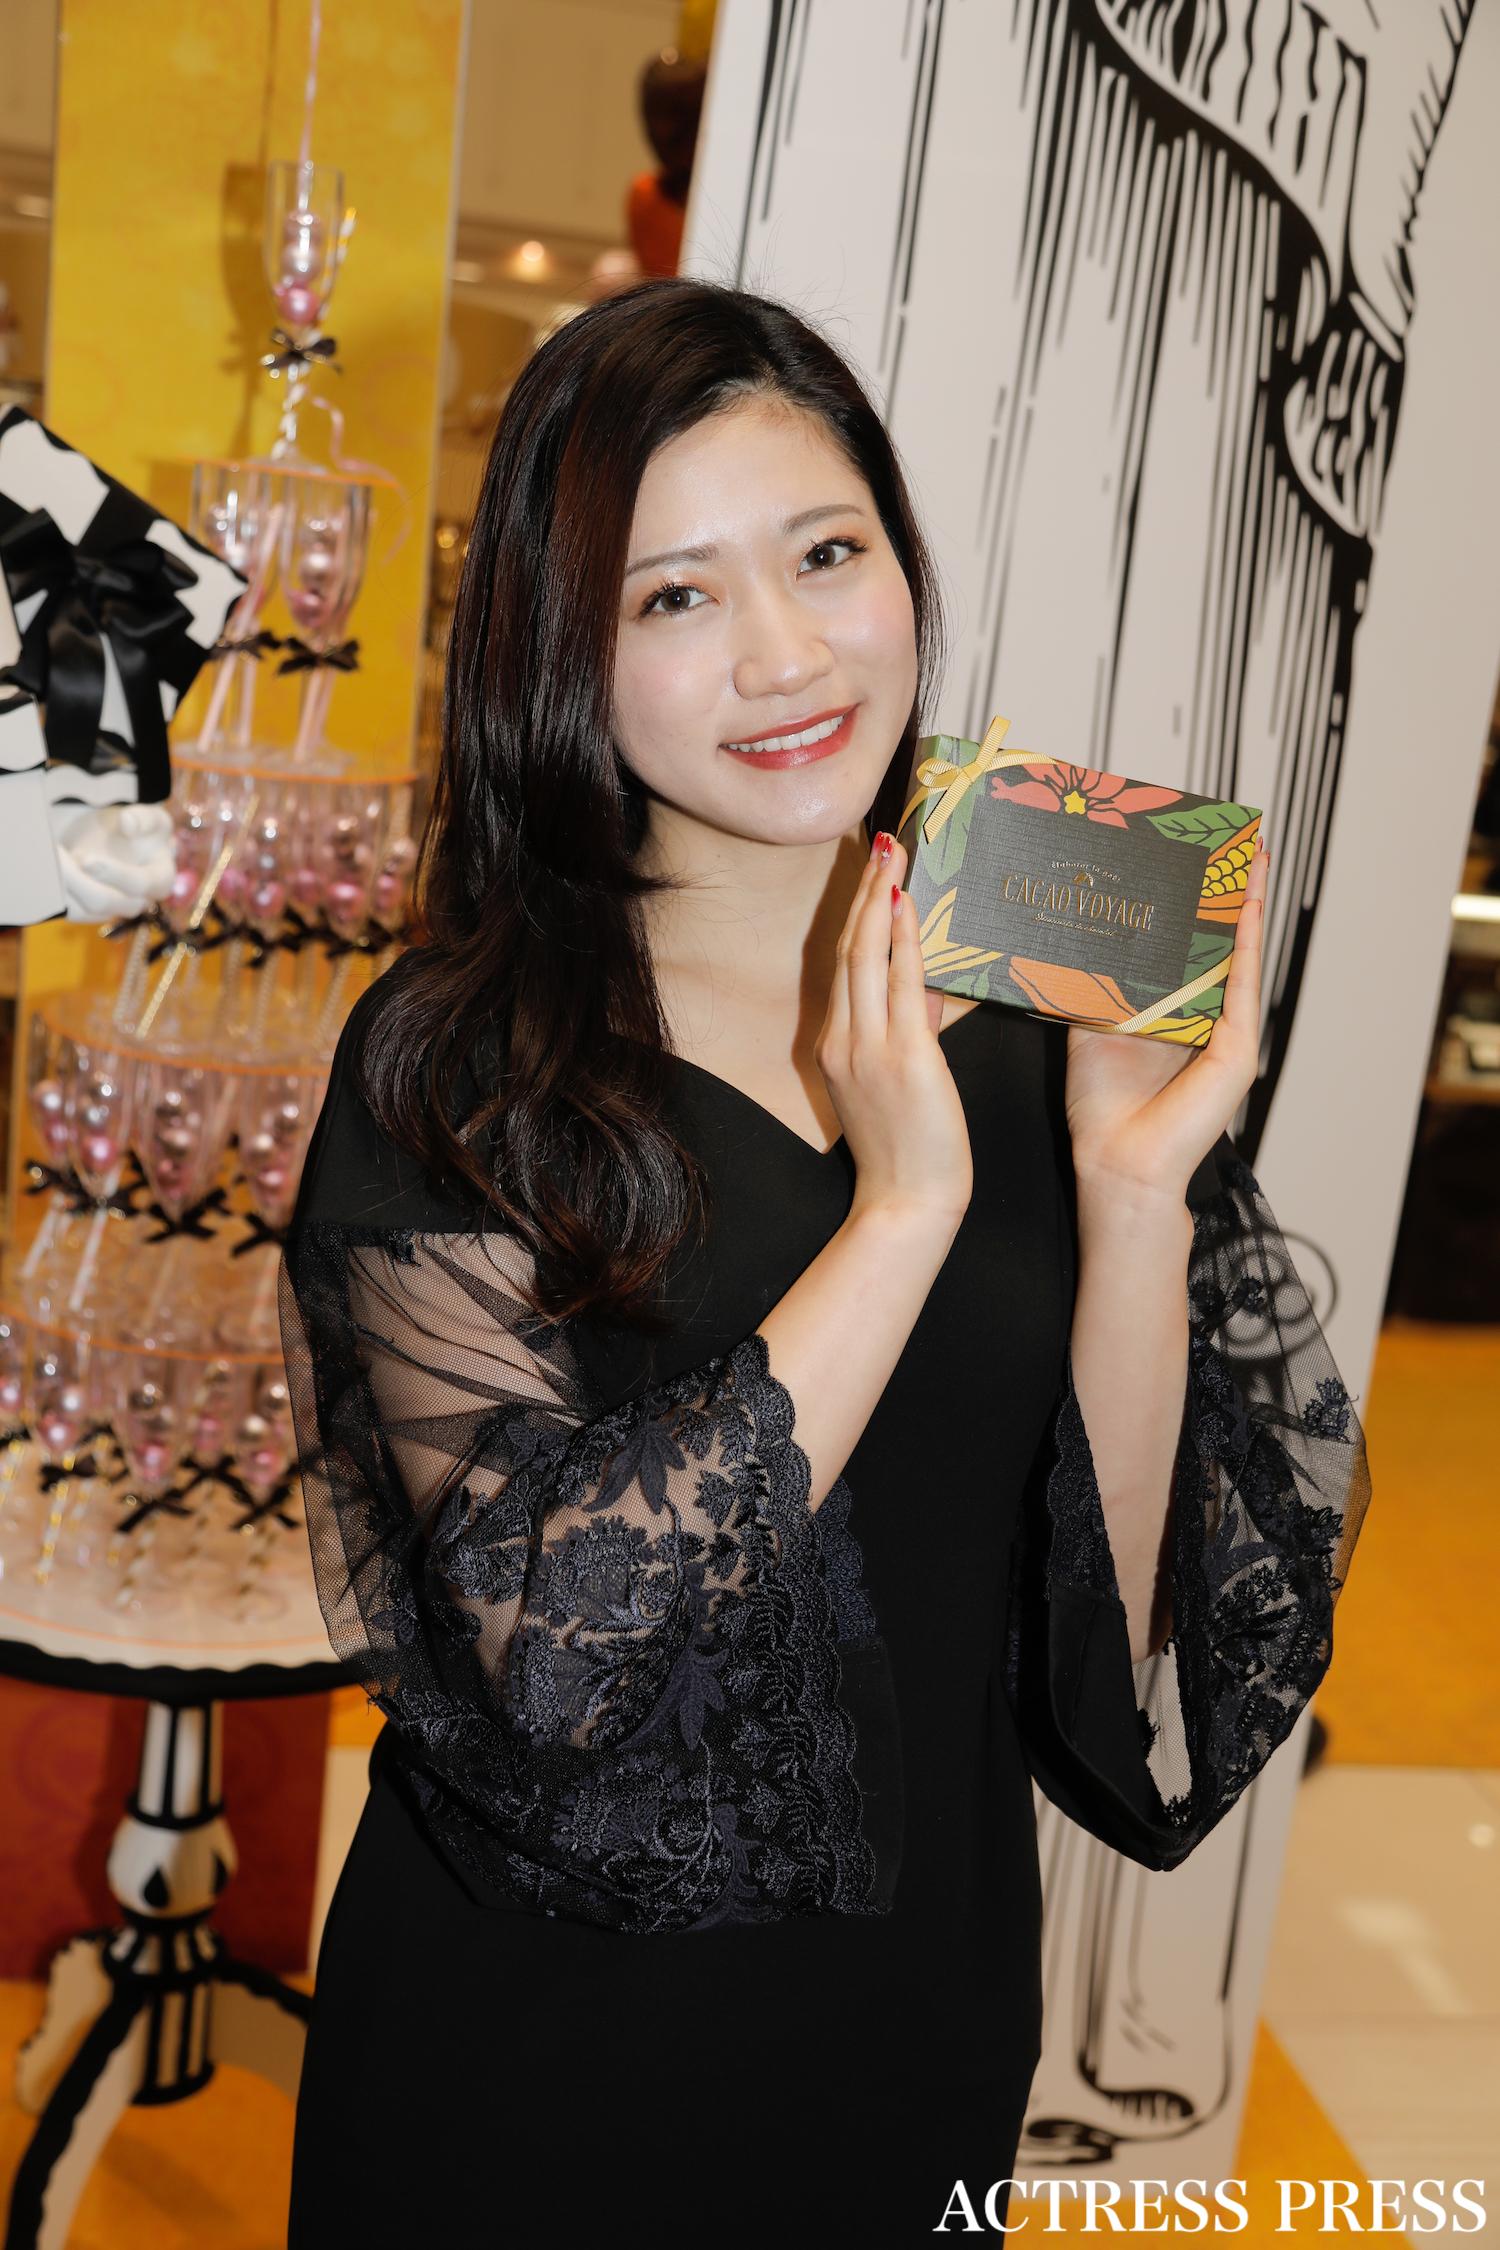 大野南香/2020年1月24日、イトーヨーカドー葛西店のバレンタインイベントにて/撮影:ACTRESS PRESS編集部